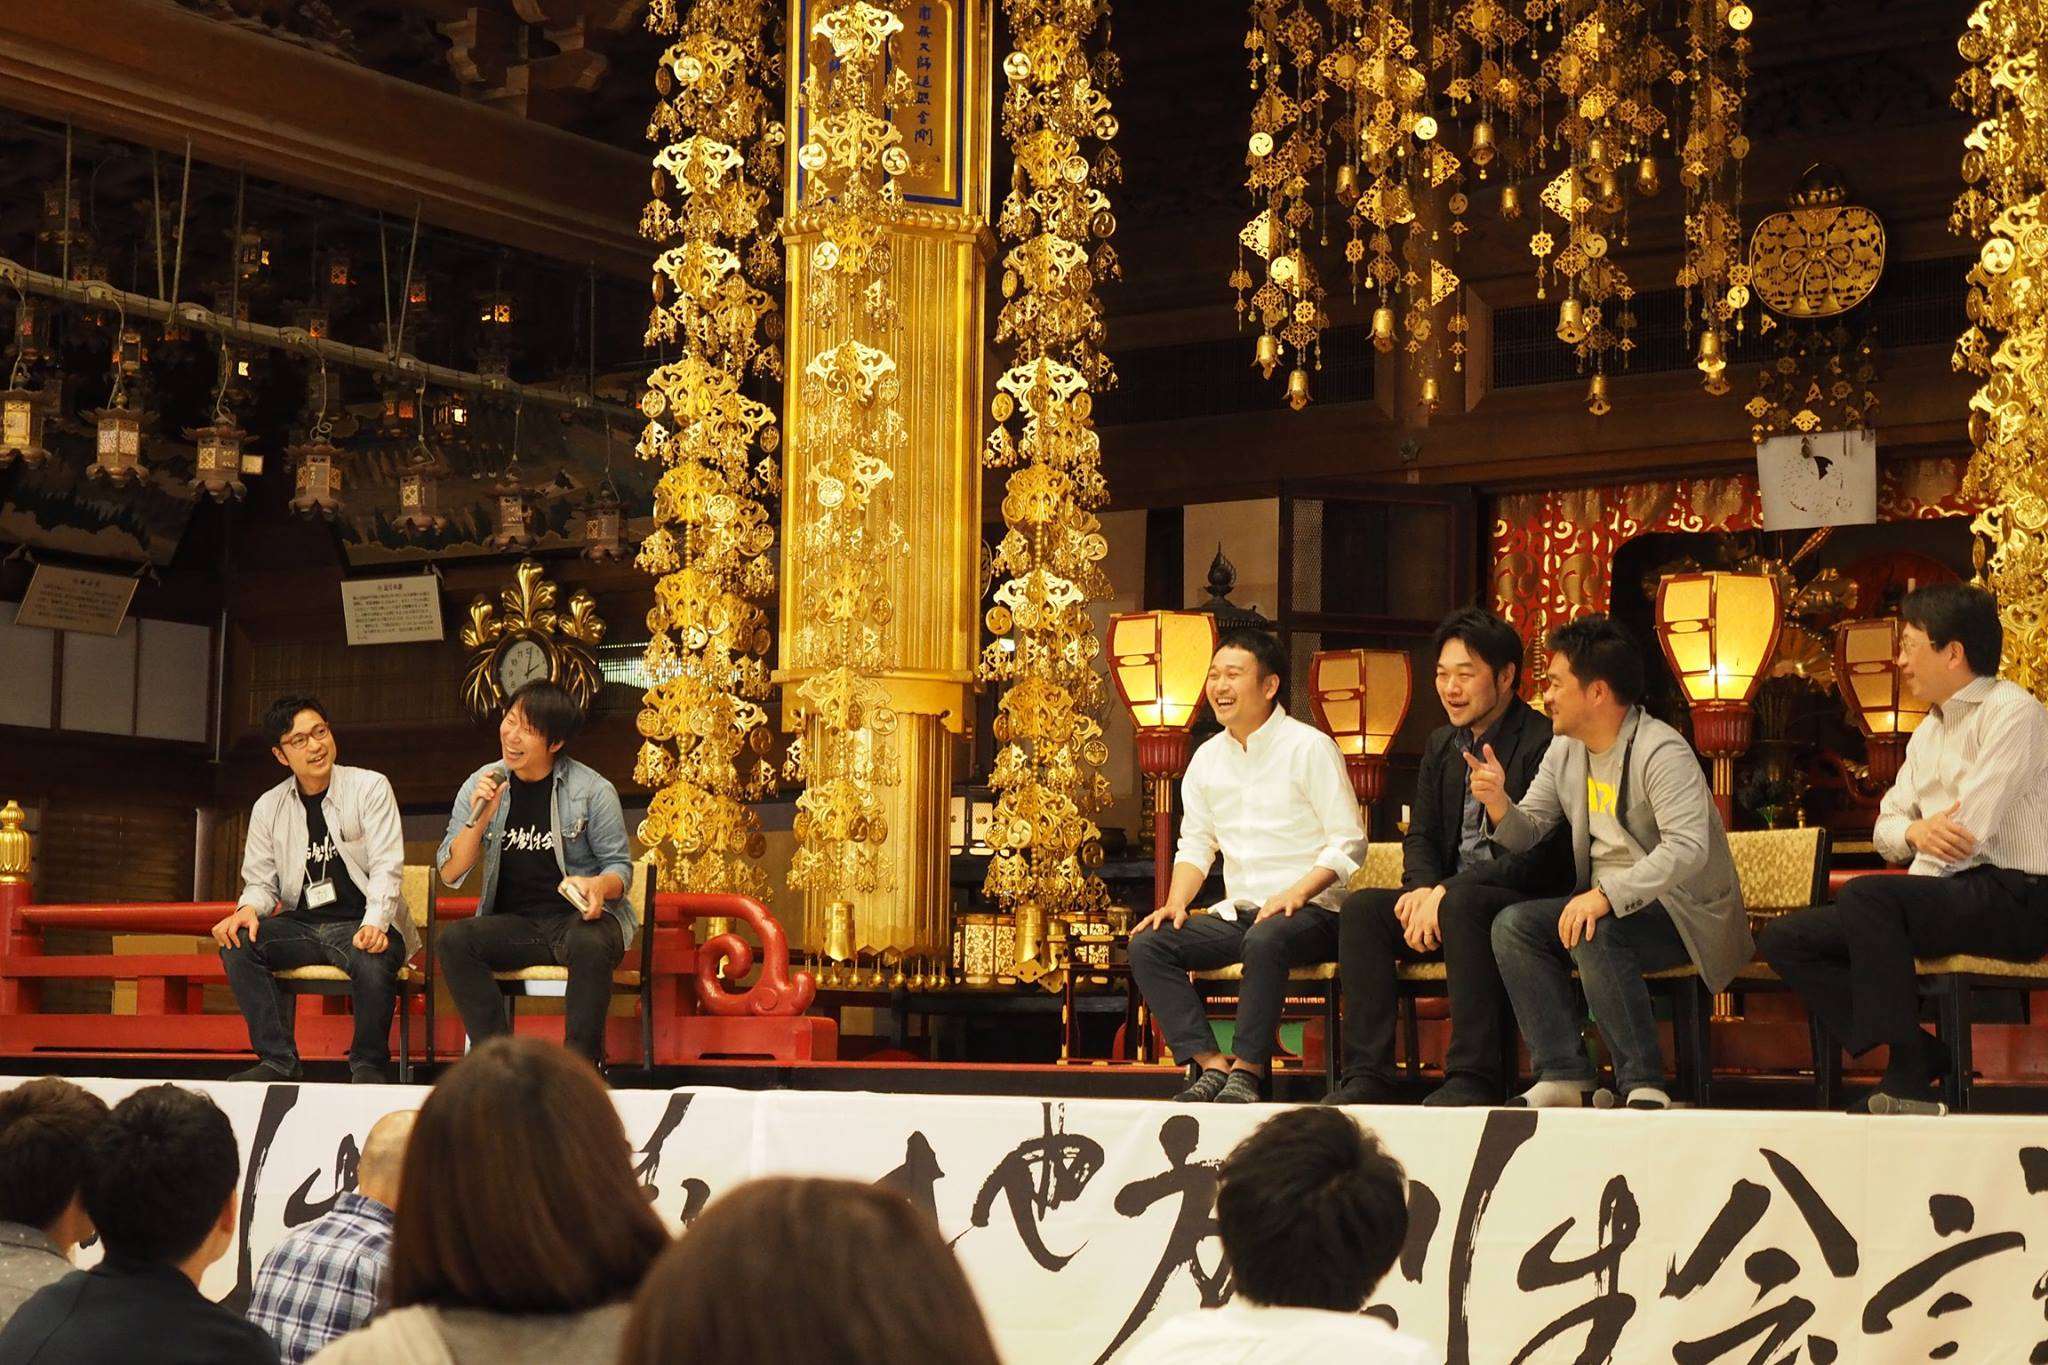 高野山大師協会を会場に行われた「地方創生会議」